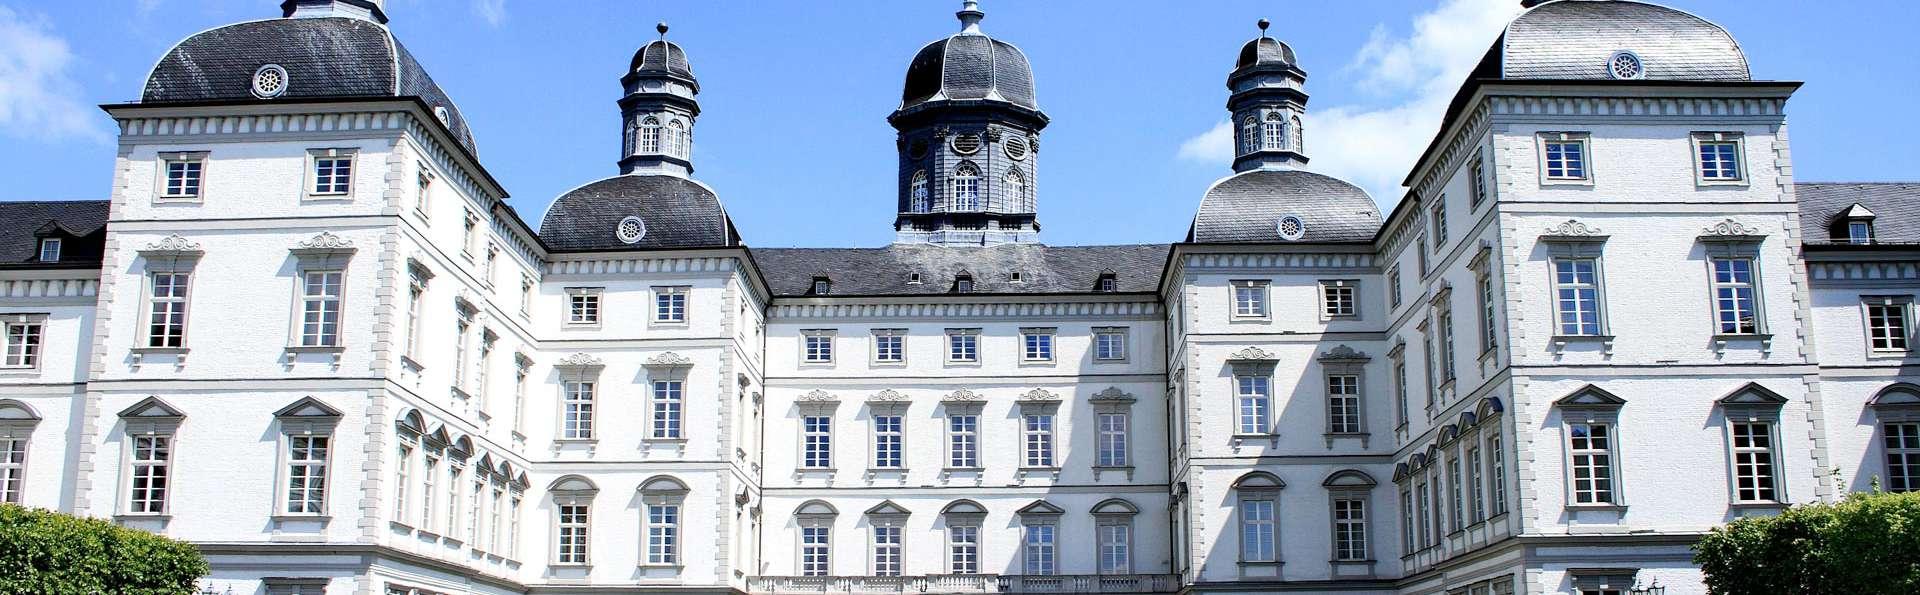 Séjour de luxe avec dîner et spa dans un château près de Cologne (à partir de 2 nuits)